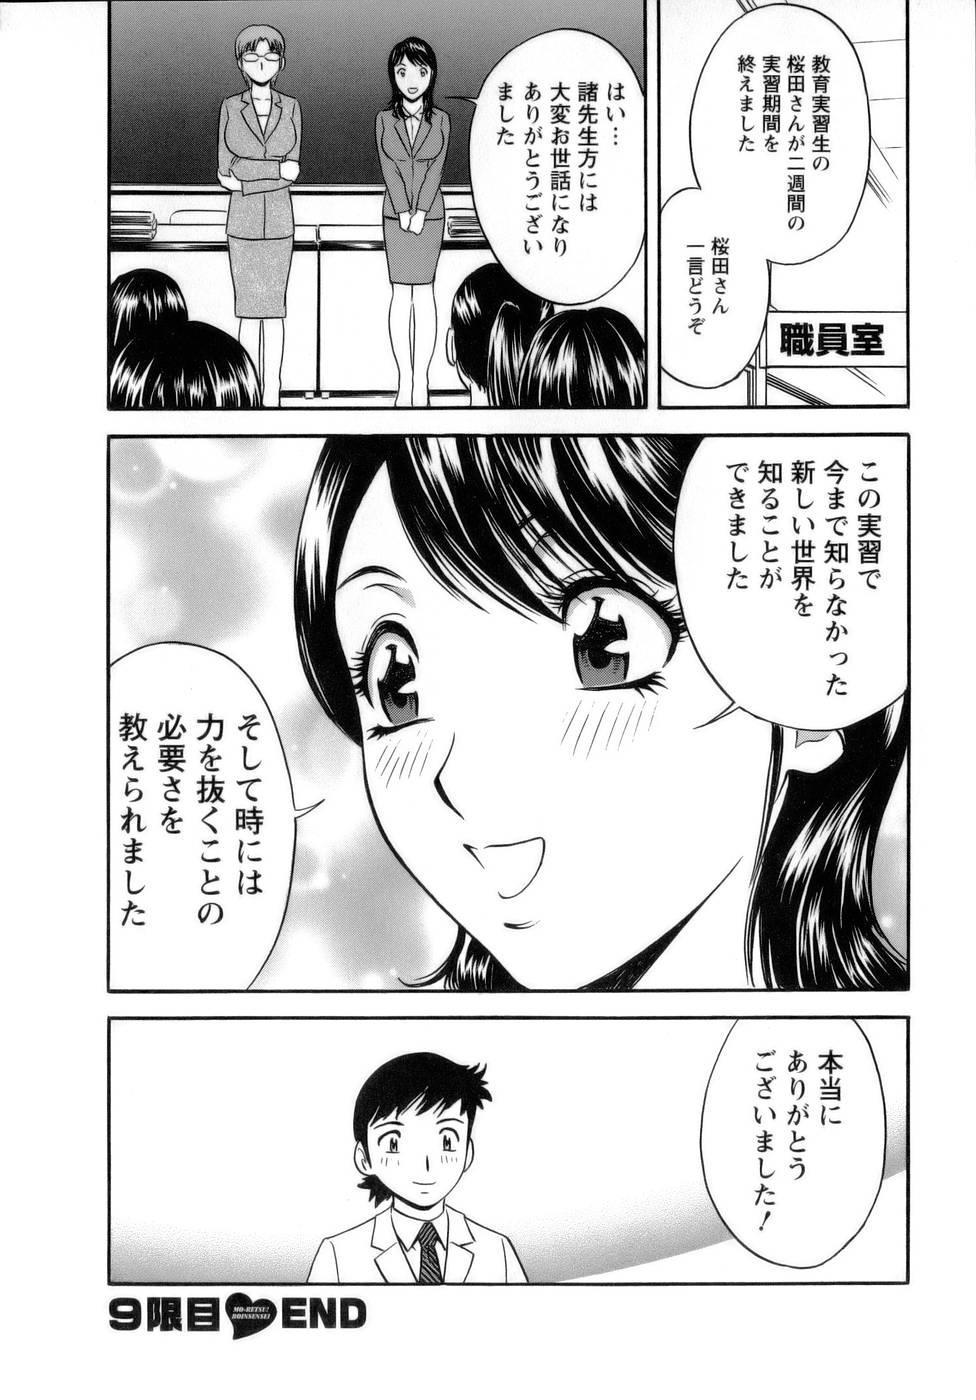 [Hidemaru] Mo-Retsu! Boin Sensei (Boing Boing Teacher) Vol.1 191